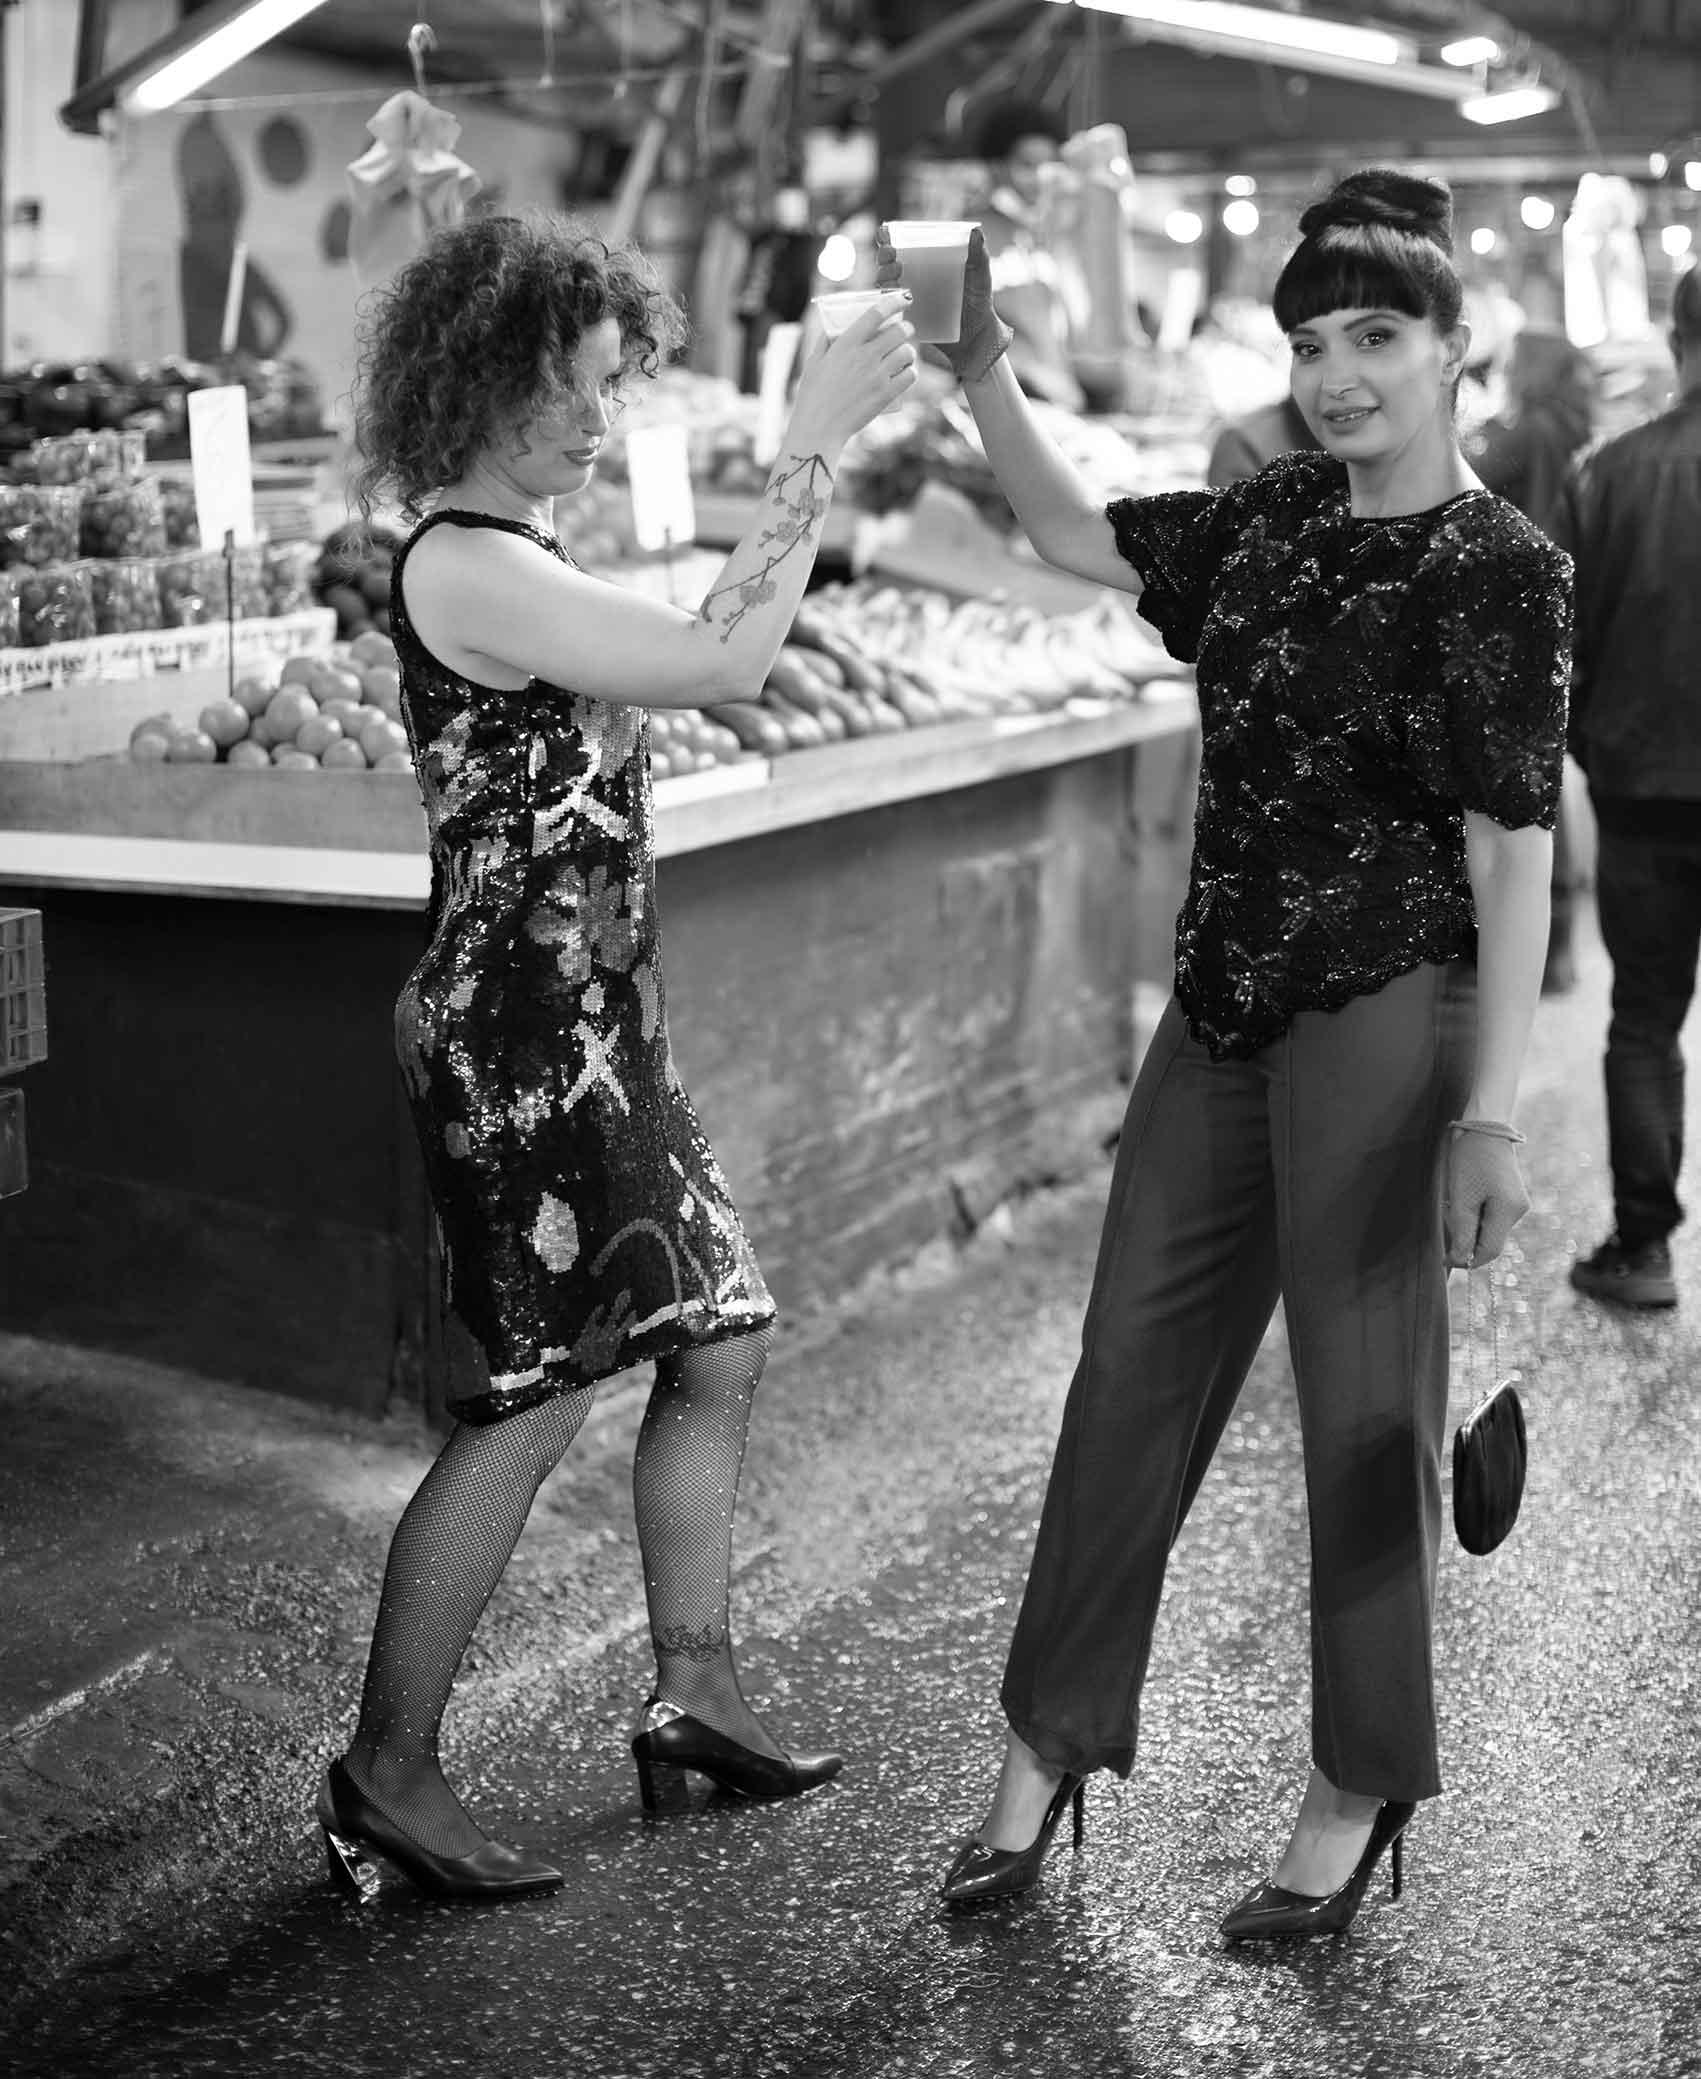 """הפקות_אופנה_צלמת : ענת קזולה - צלמת אופנה. מודליסטיות: מאיה אושרי כהן - גורו הוינטג׳. הילה """"תלתלים"""" לוי - בלוגרית האופנה והלייף סטייל. מאפר: מיכאל צבייגנבאום. סטיילינג : לוני וינטג', בטי בארץ הוינטג׳_כתבות_אופנה"""